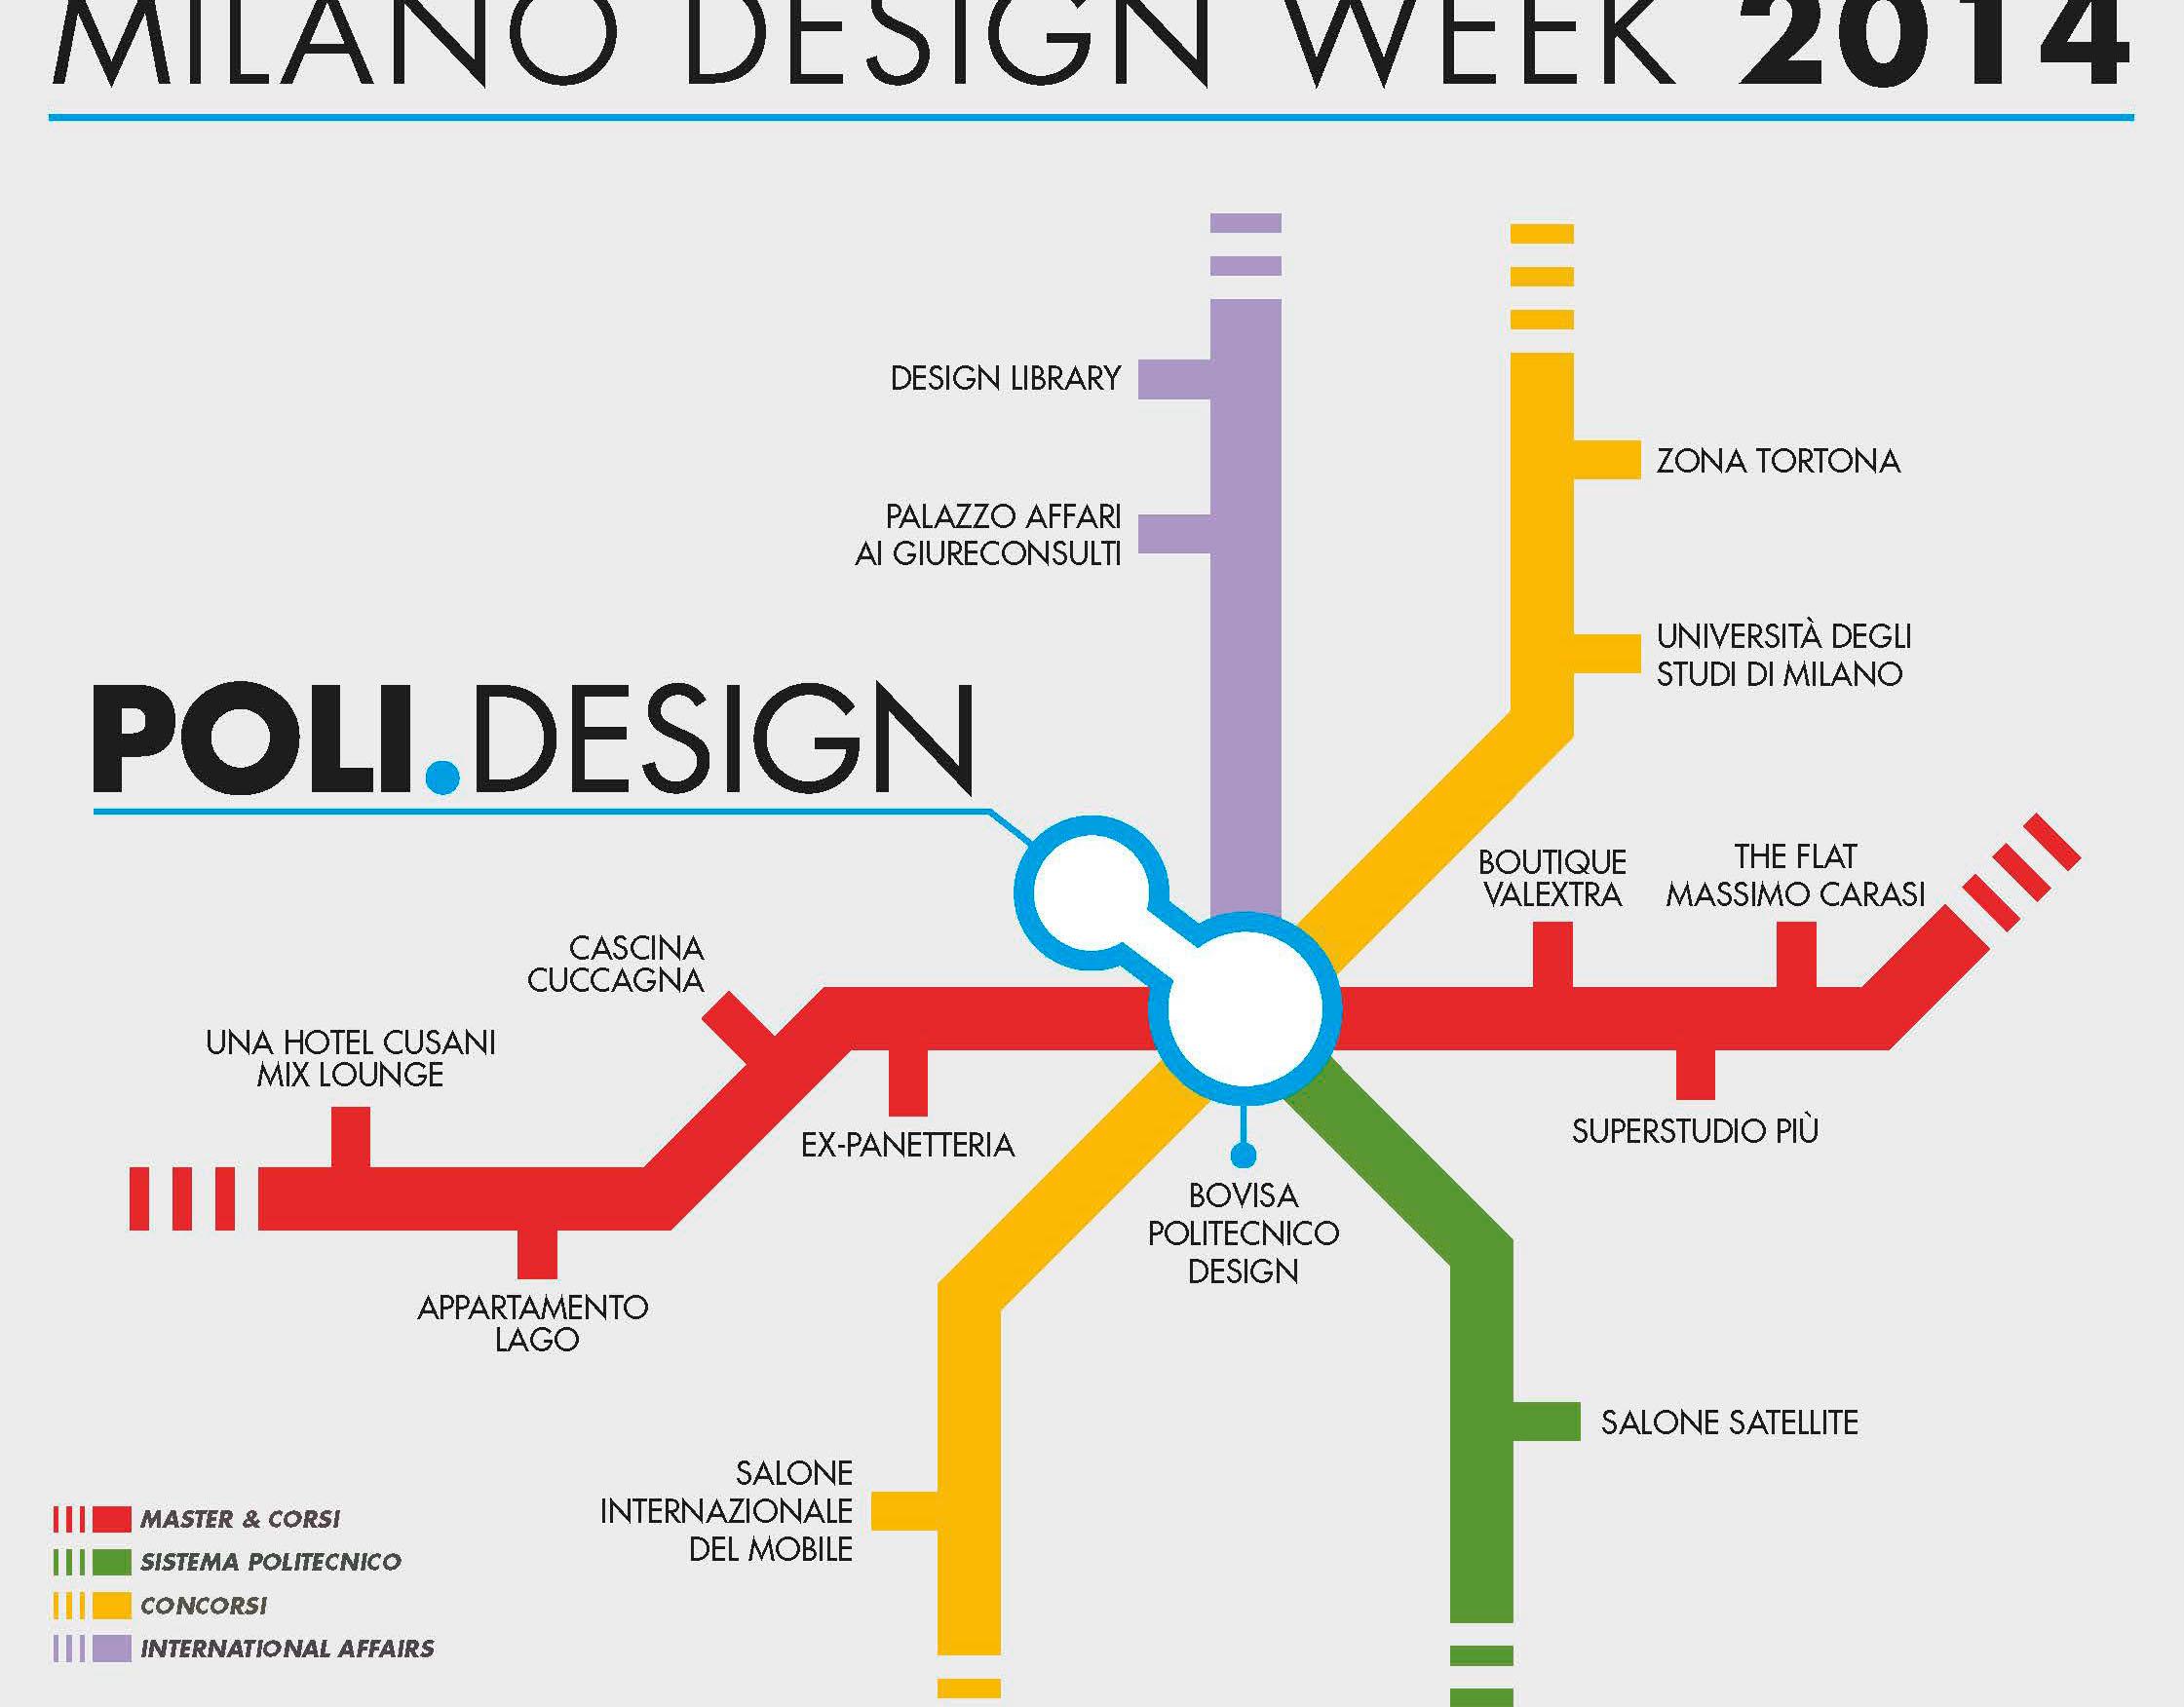 Luca carnevale portfolio milan design week maps poli for Poli design